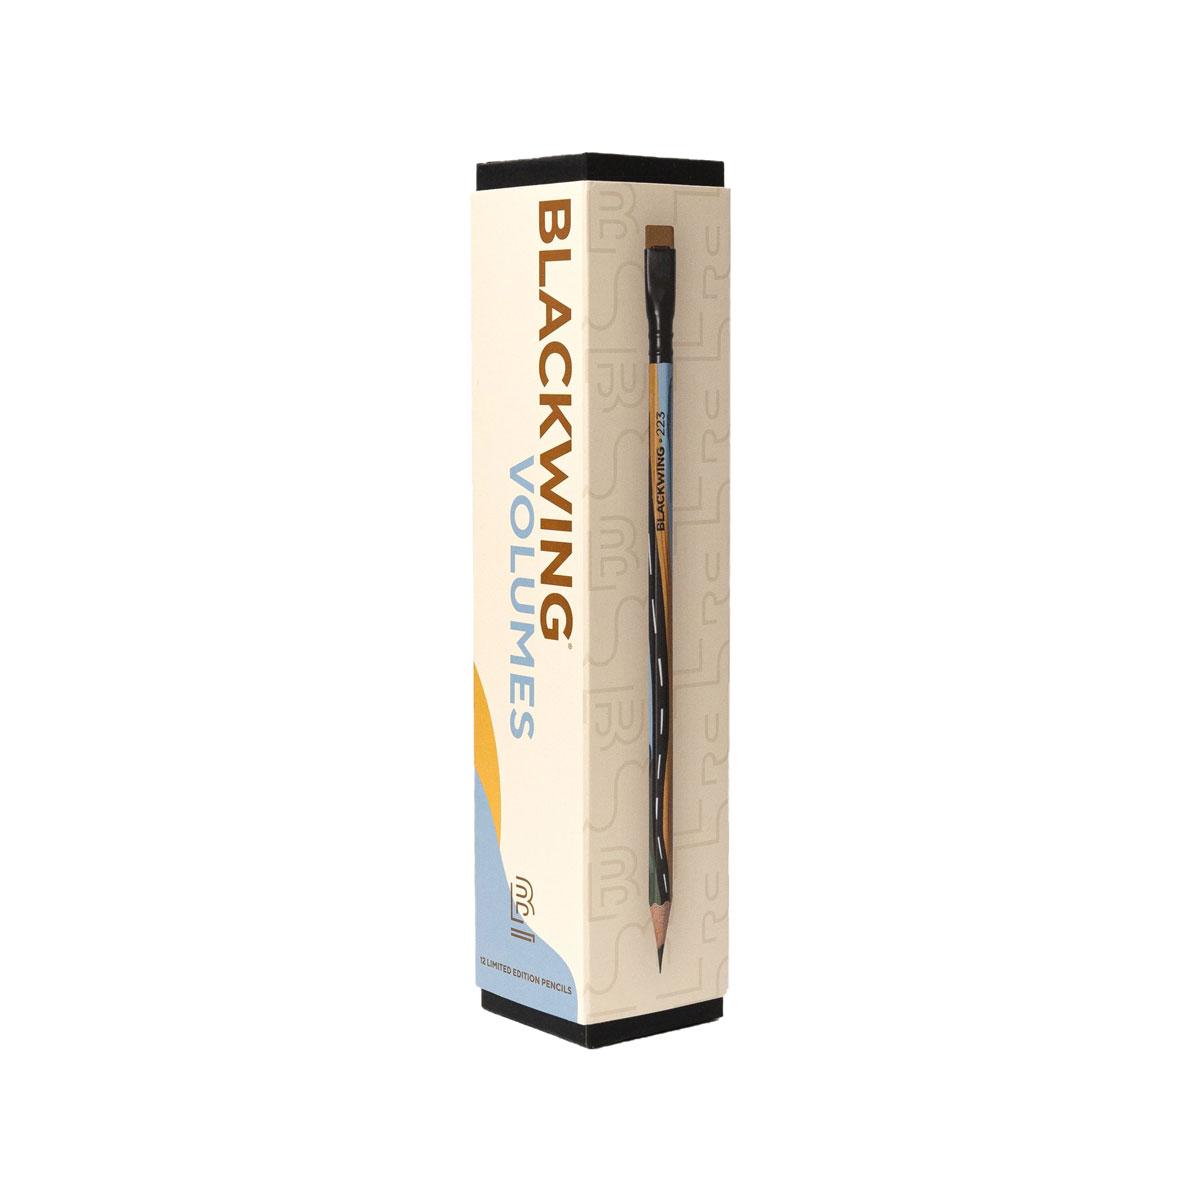 Set de 12 lápices Blackwing Edición Limitada Volume 223